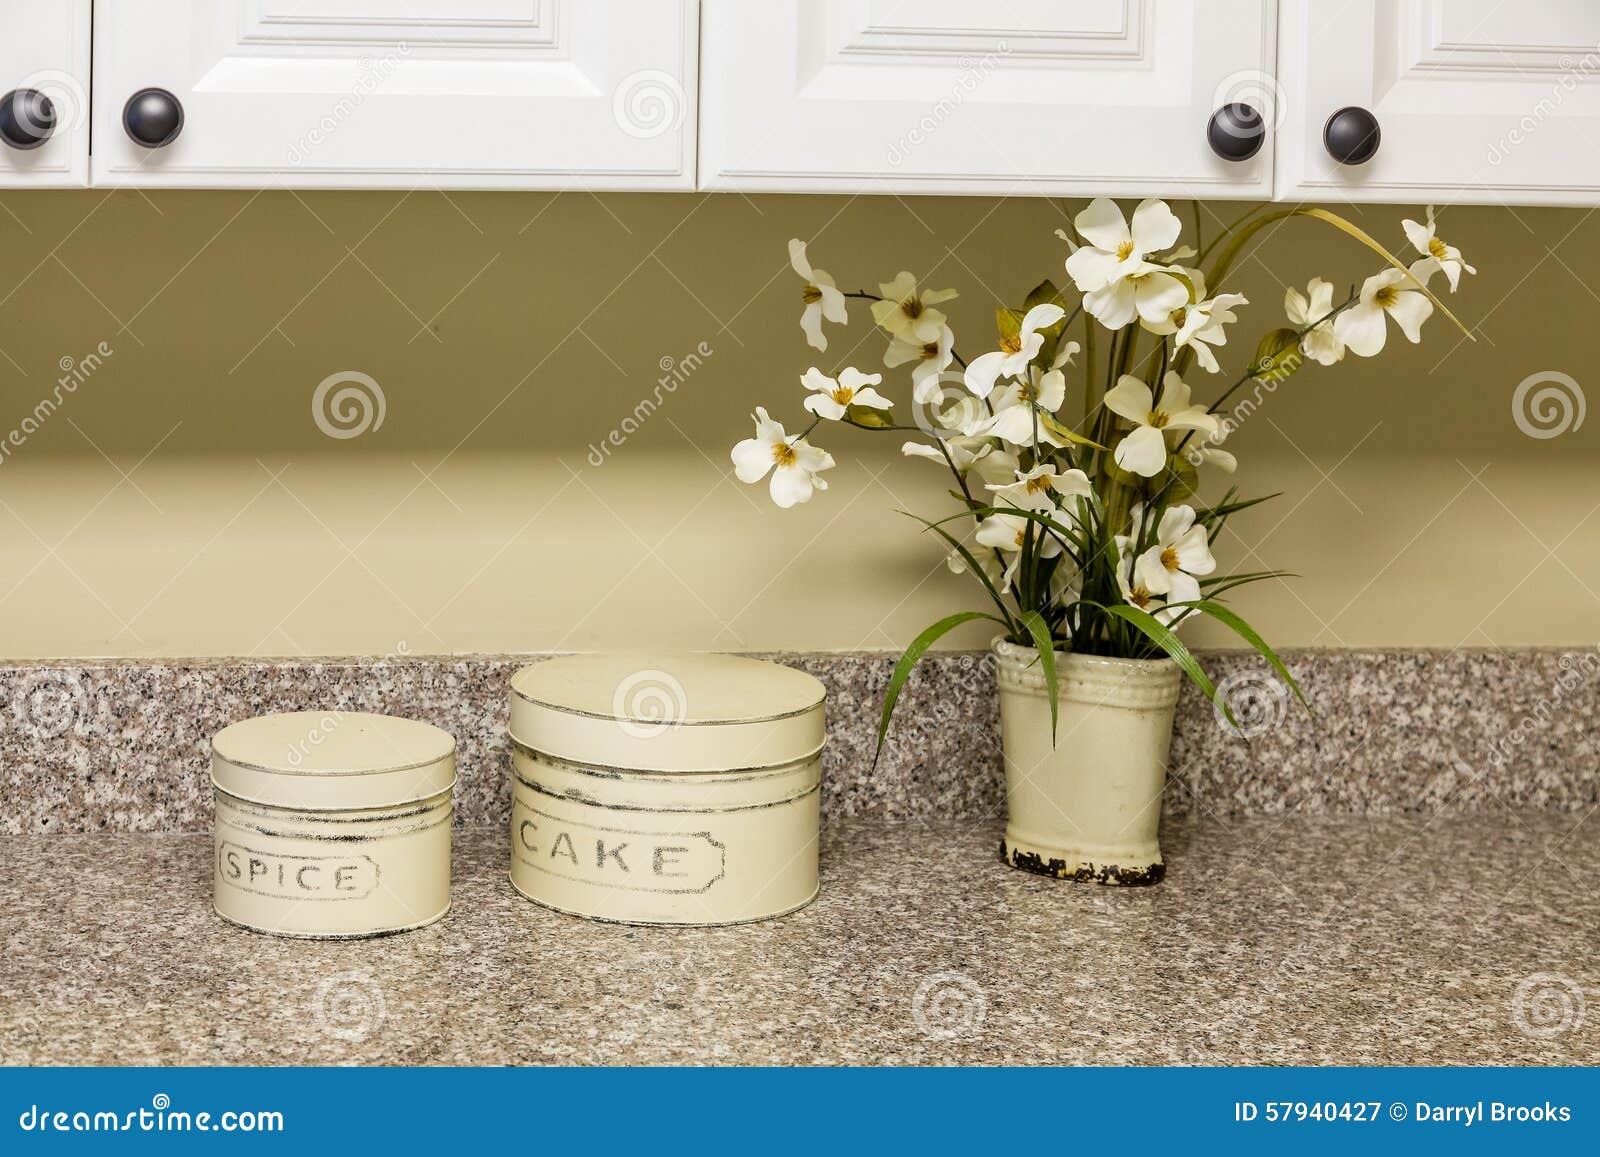 Zinn Und Blumen Auf Küchenarbeitsplatte Stockbild - Bild von ...